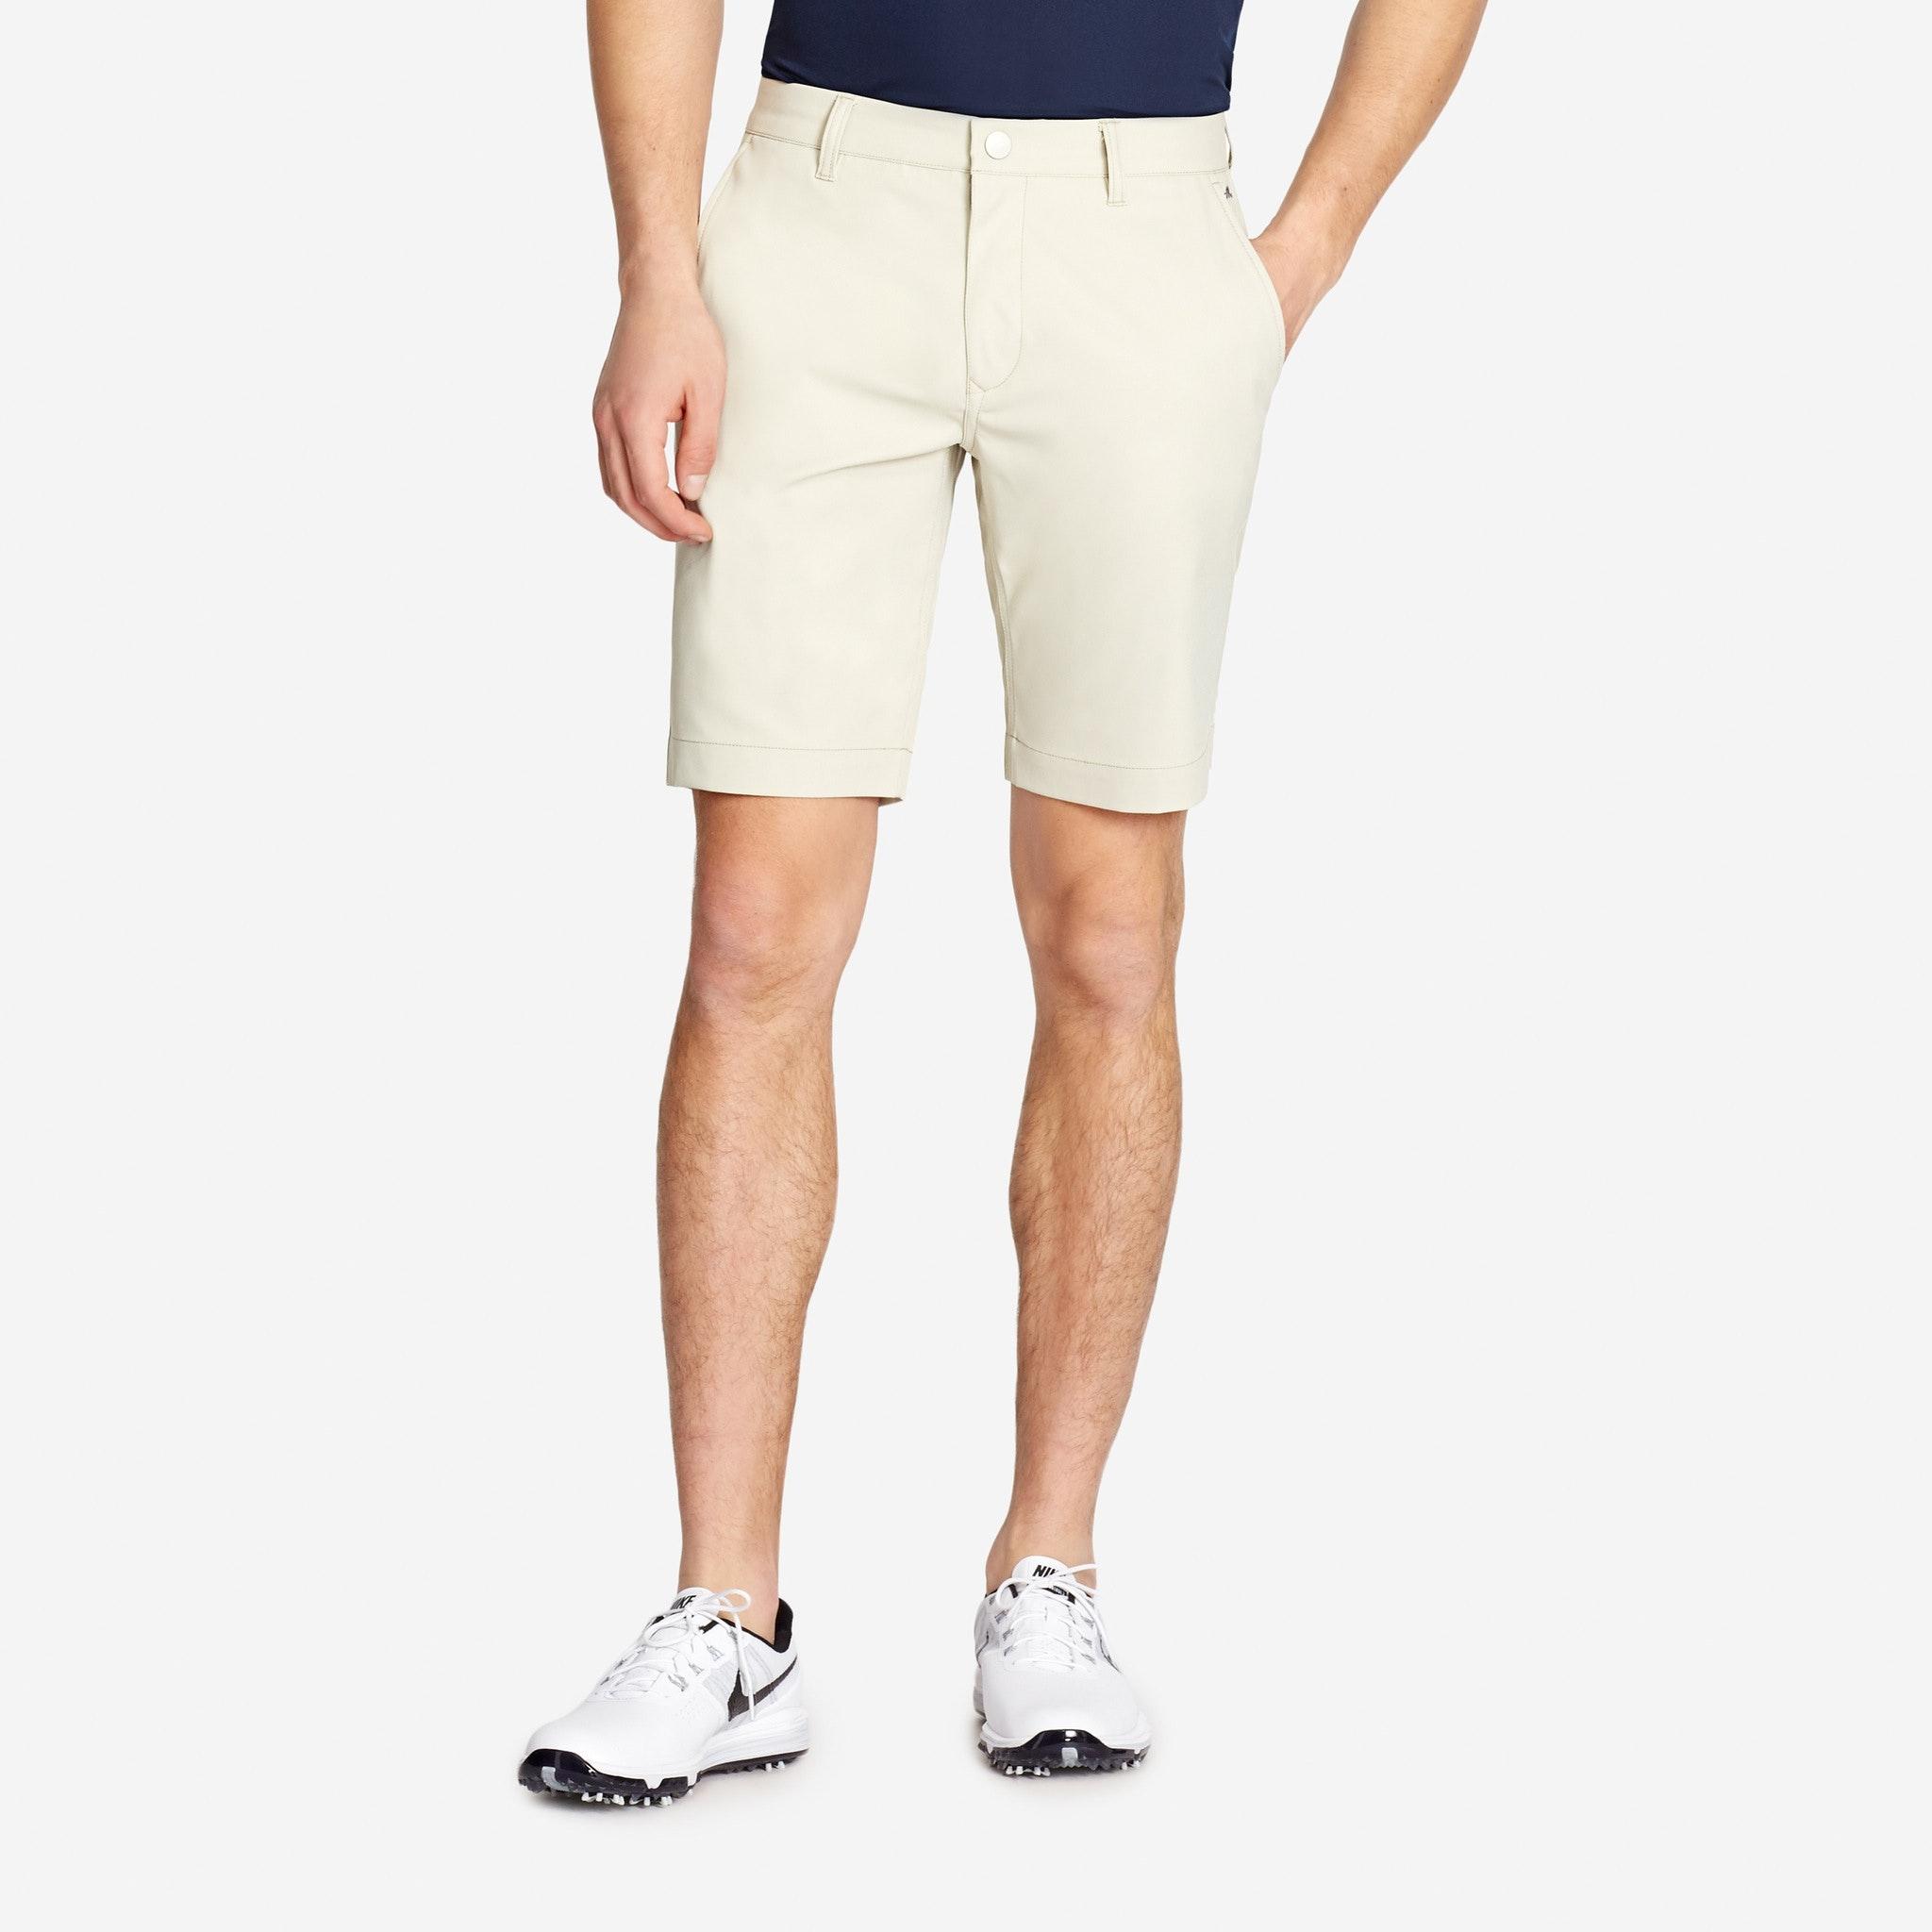 The Highland Golf Short